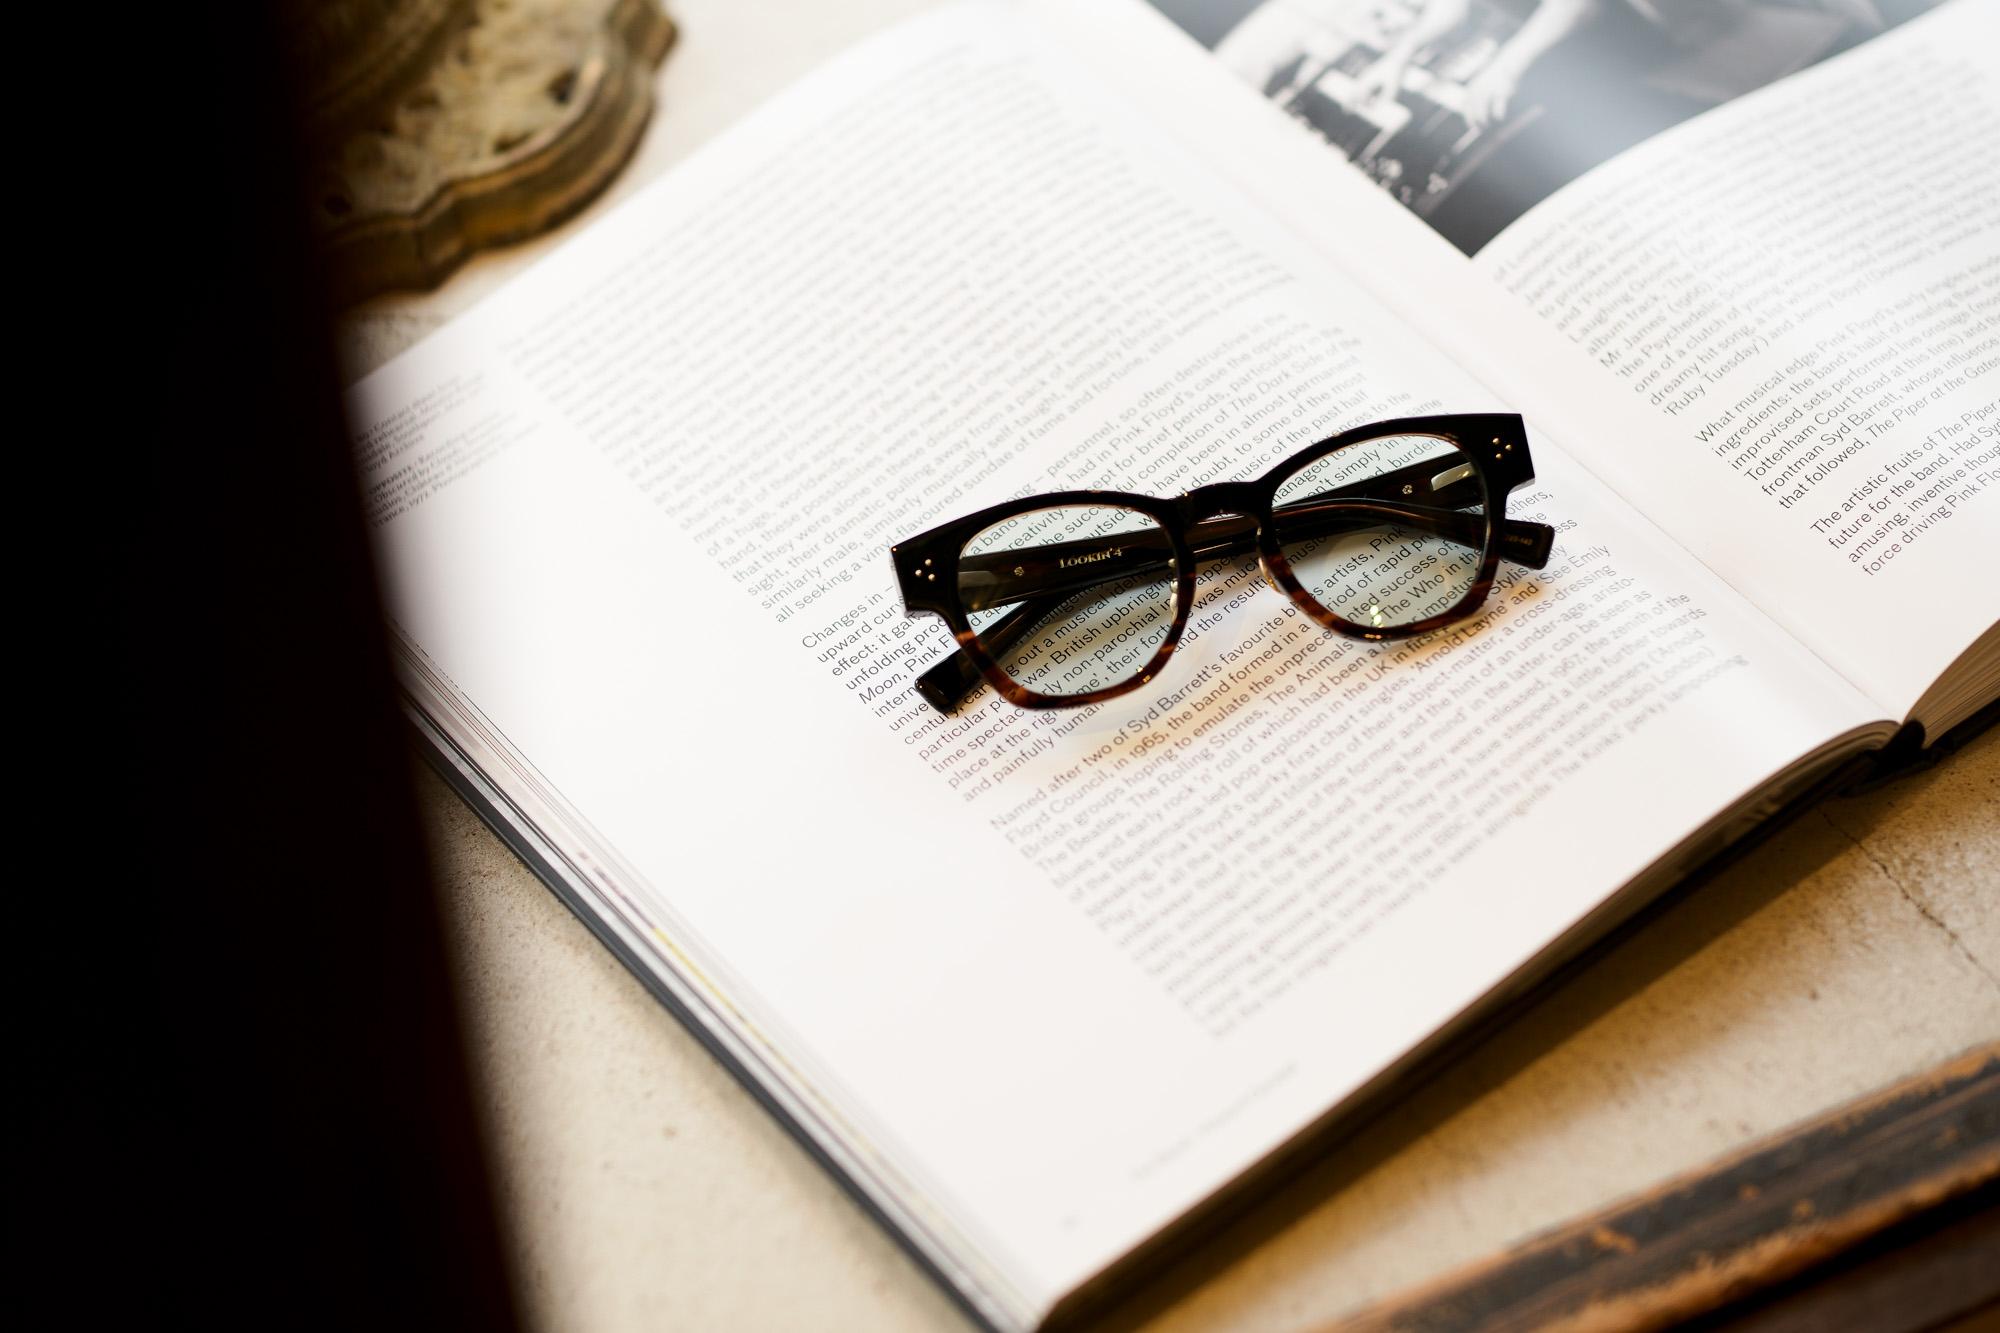 Mr.CASANOVA × THE ZOOT16 (ミスターカサノバ × ザ・ズート16) Lookin'4 アイウェア サングラス BLACK TO SASA × EMERALD GREEN(ブラック × エメラルドグリーン) HANDCRAFTED IN JAPAN(日本製) 2021 愛知 名古屋 Alto e Diritto altoediritto アルトエデリット グラサン サングラス 眼鏡